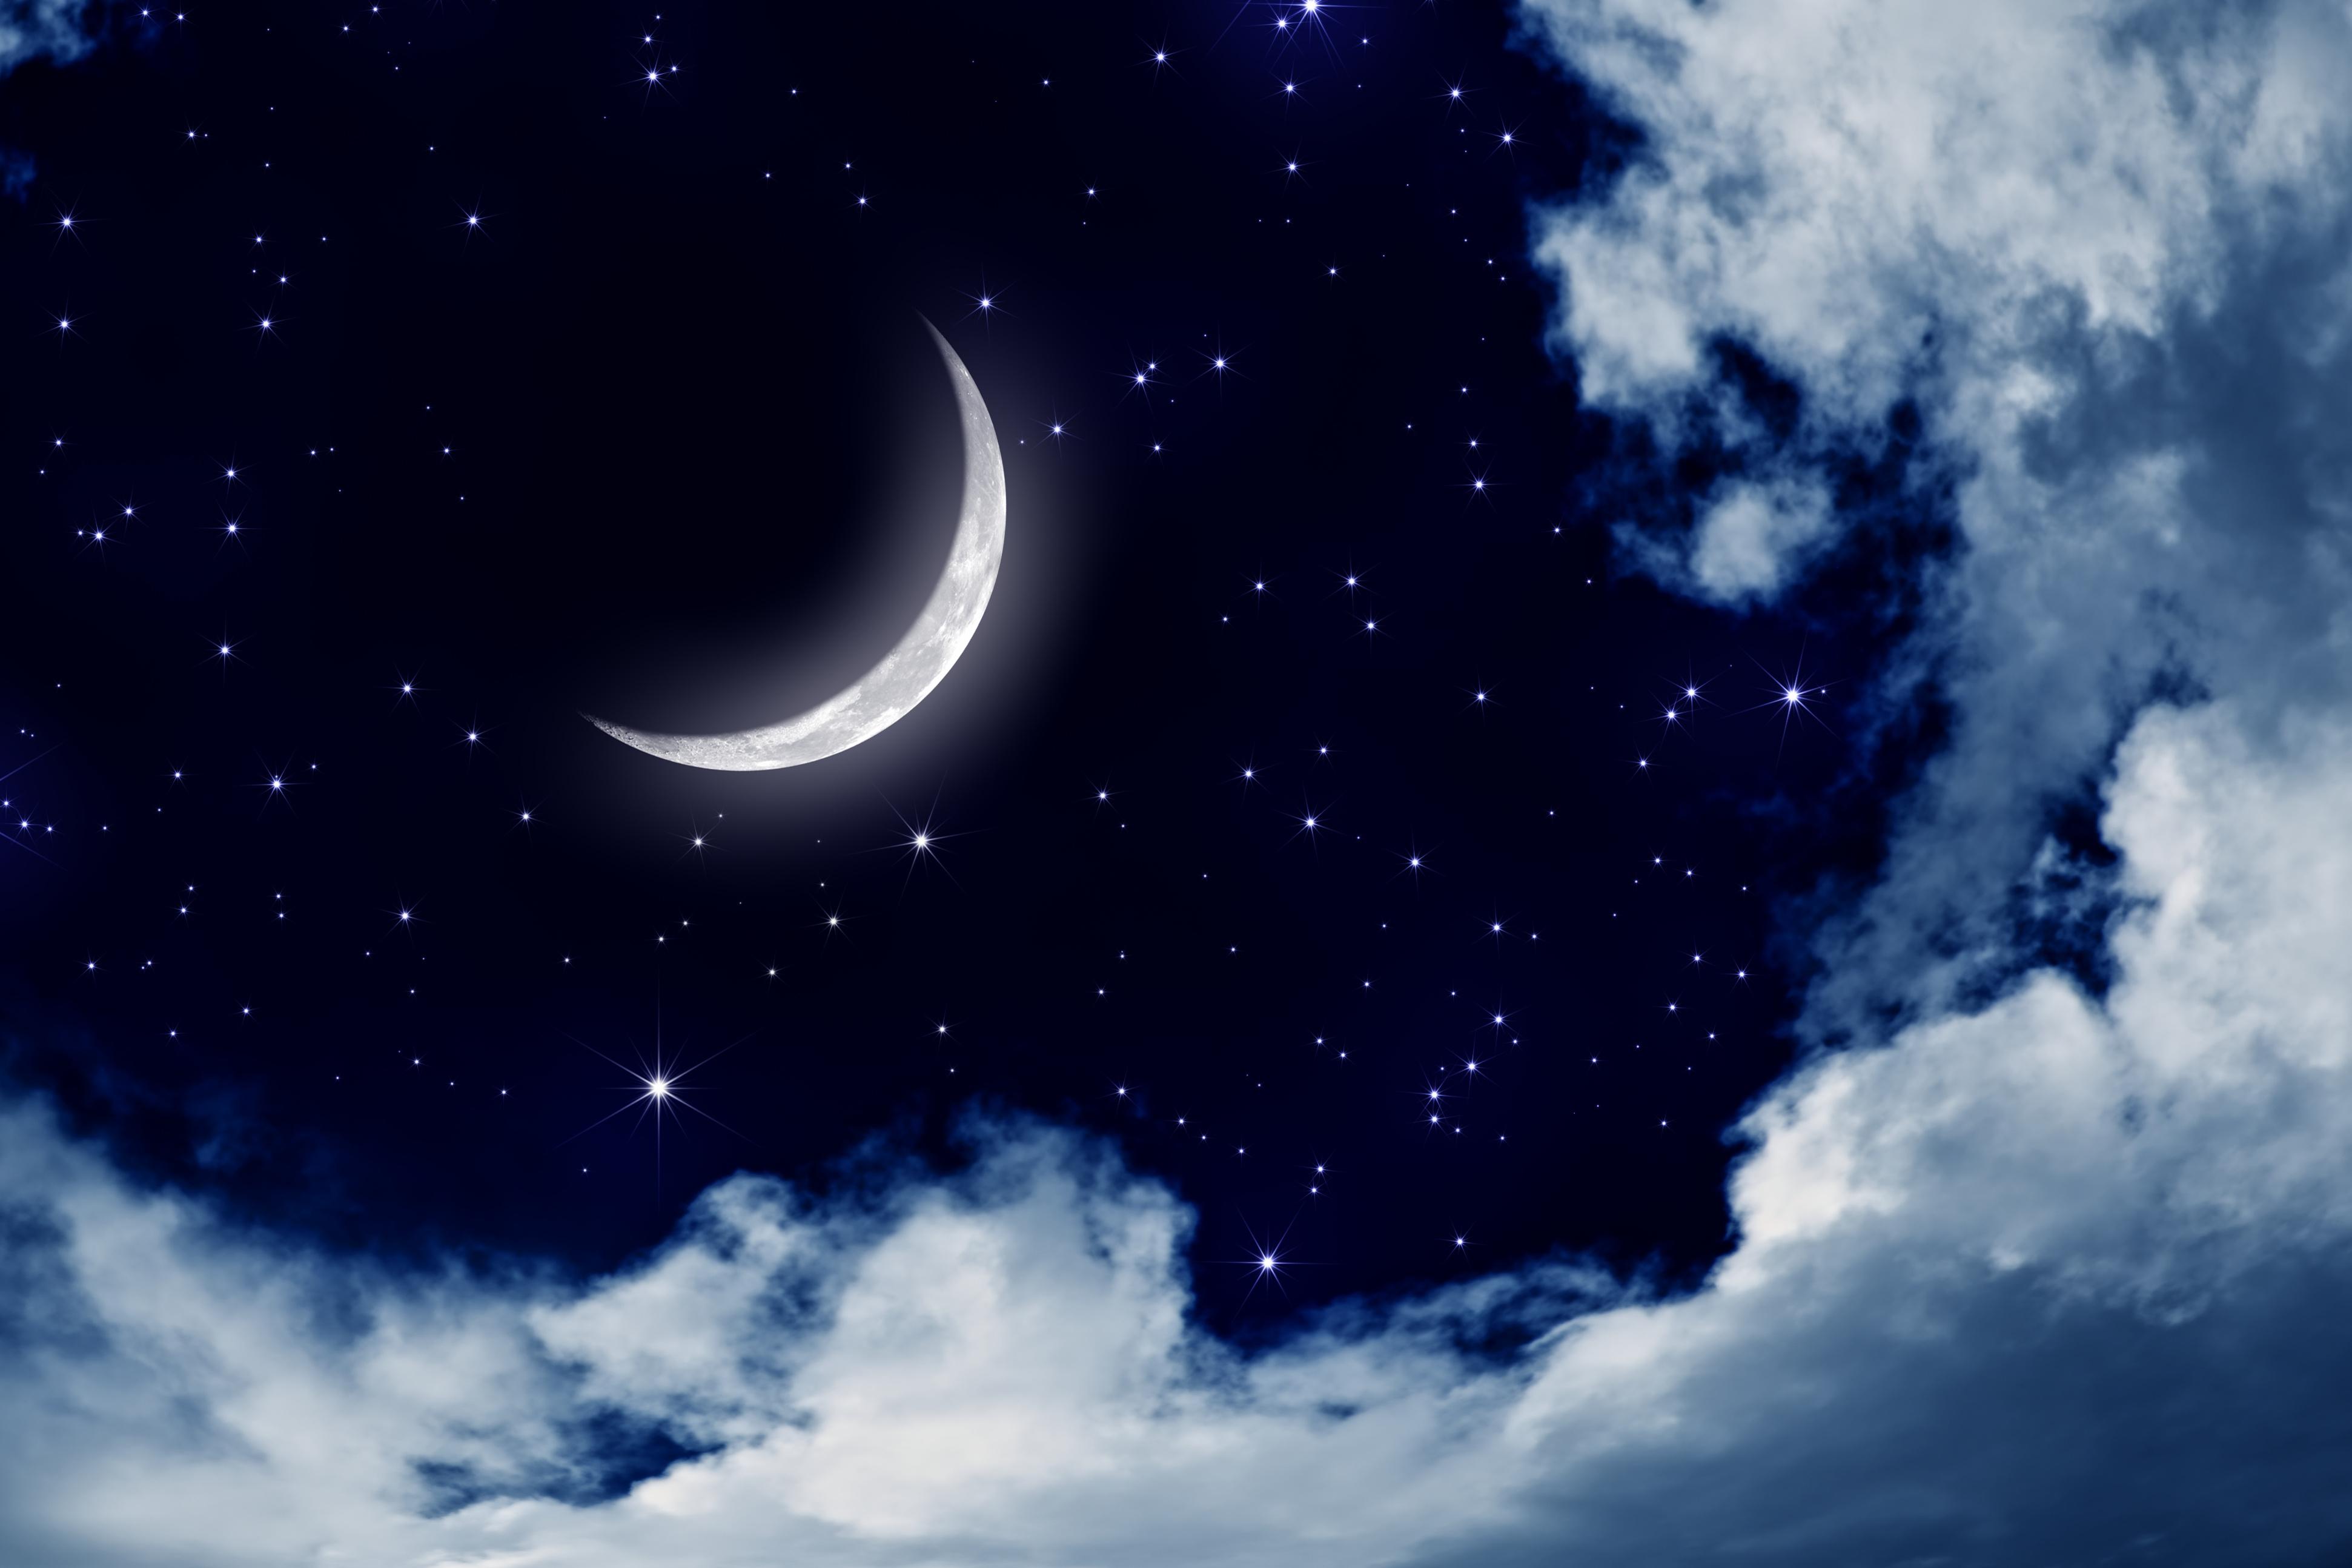 Обои на рабочий стол ночь луна звезды